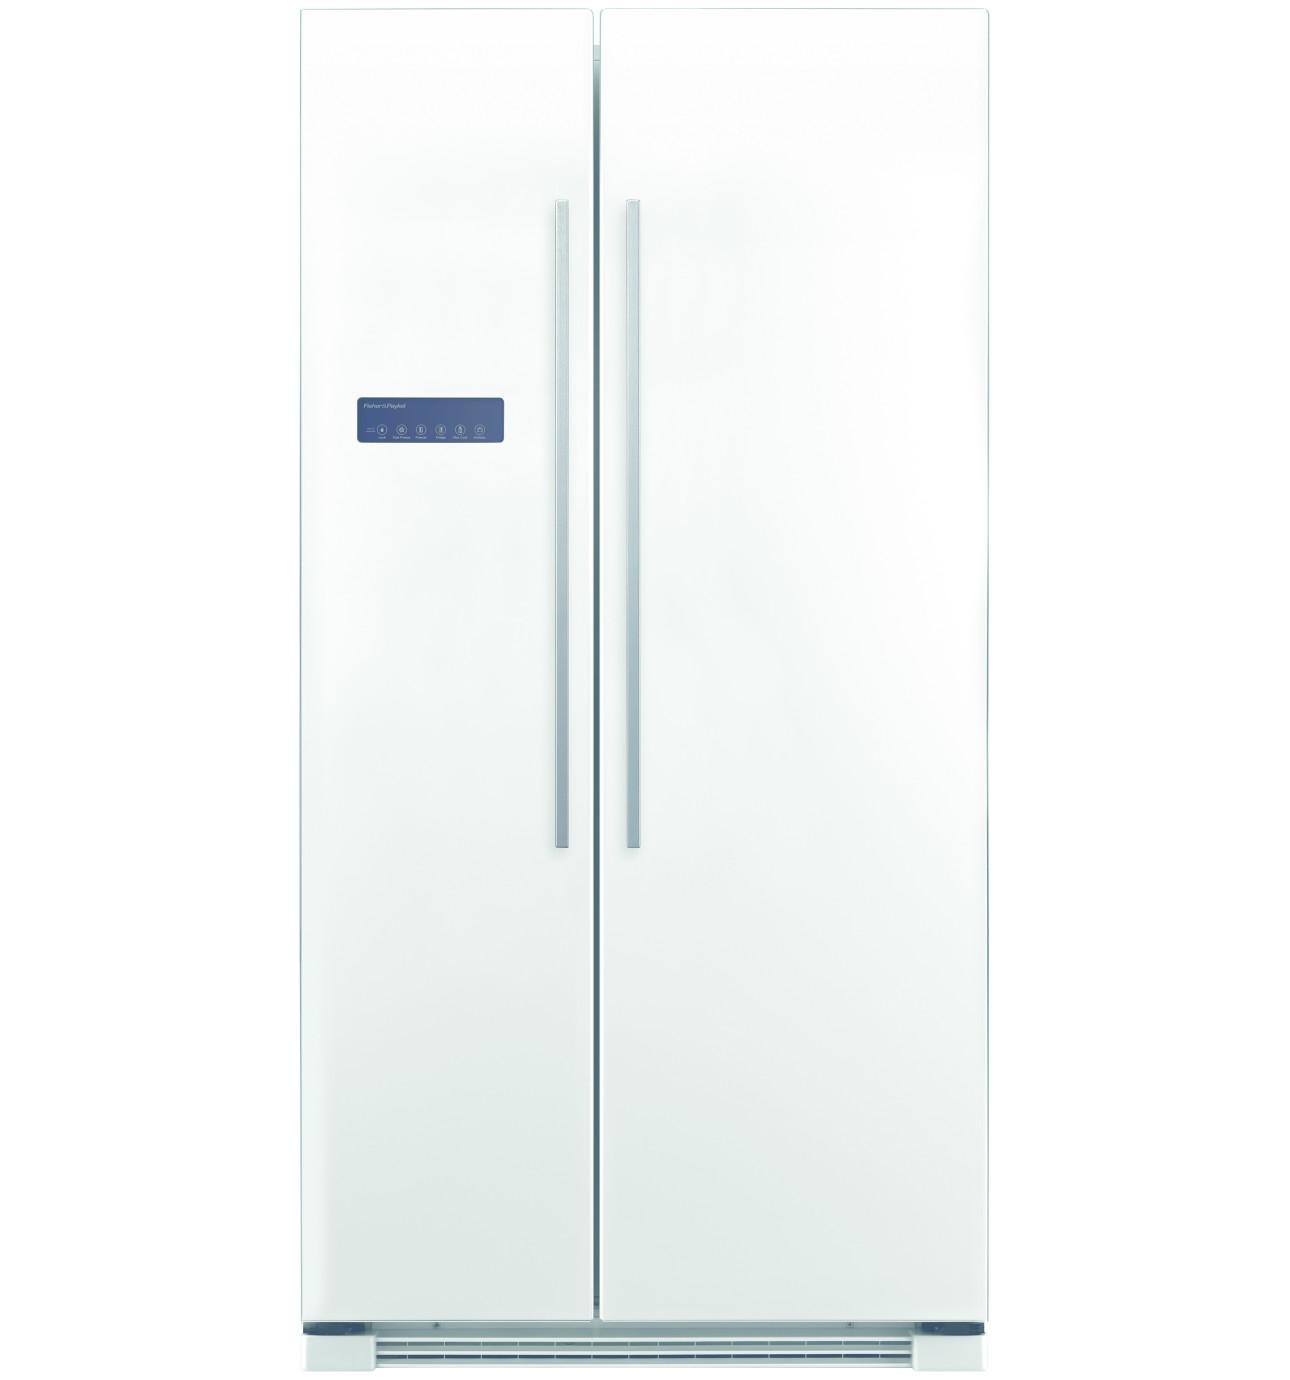 rx628dw1 628l side by side fridge